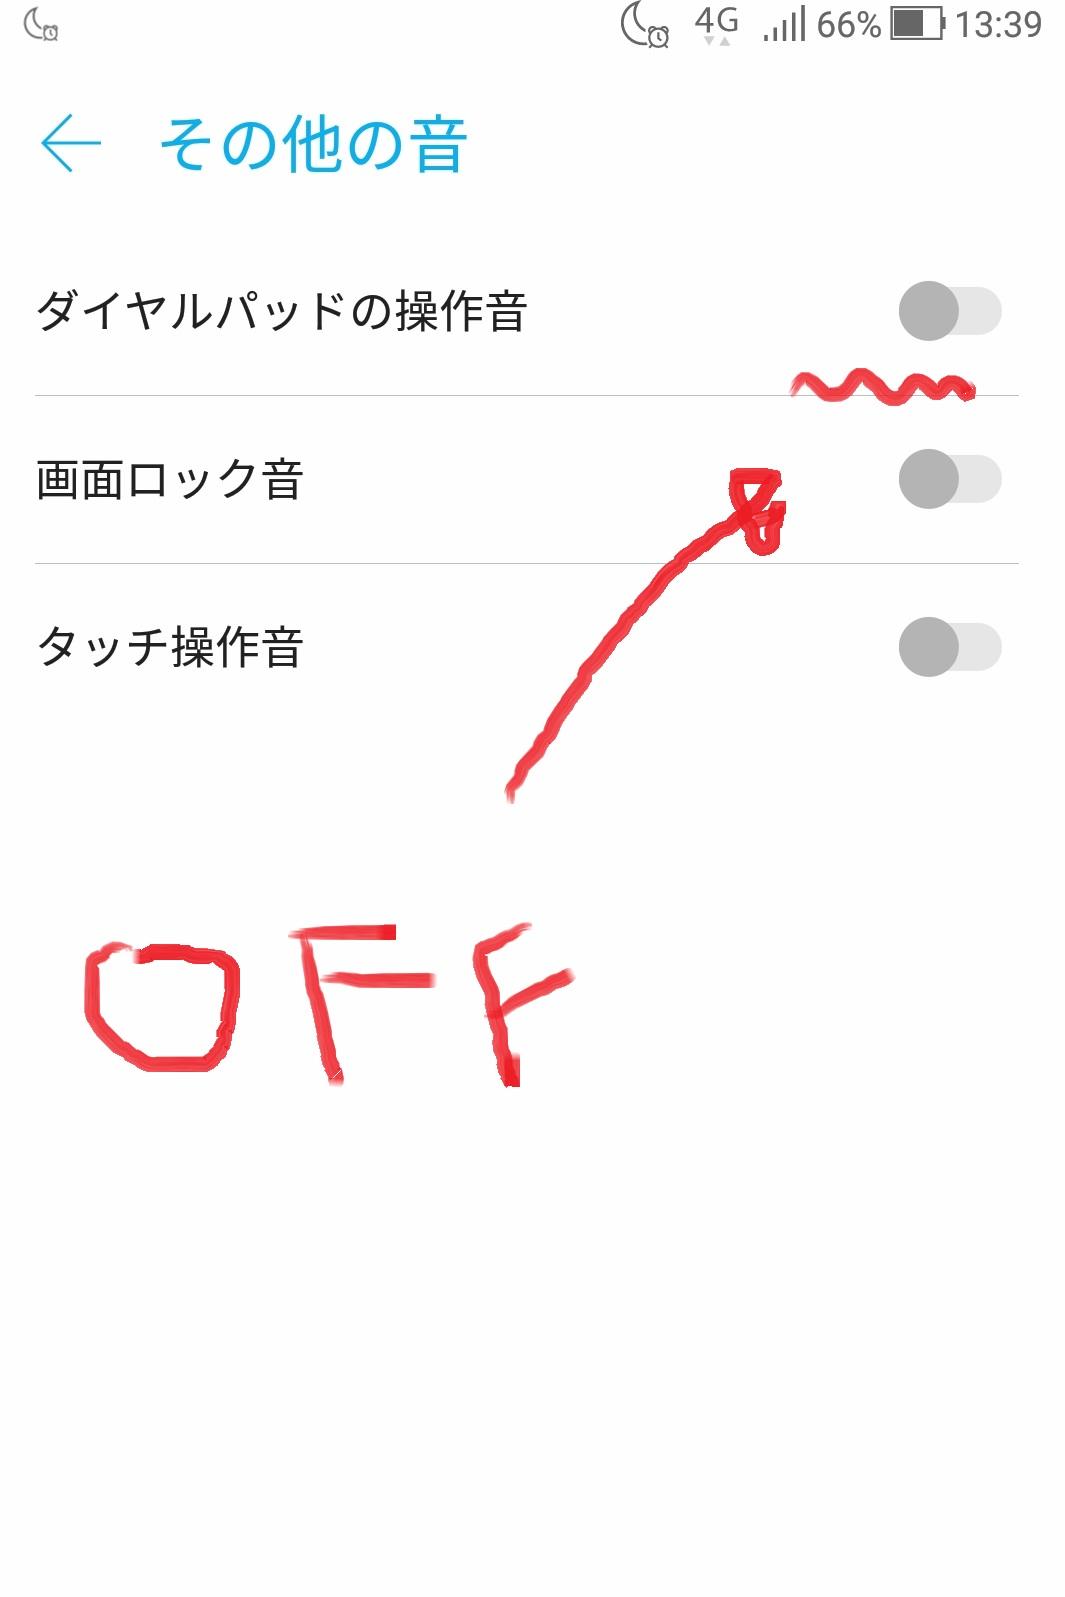 sumaho_music_denwa2.jpg